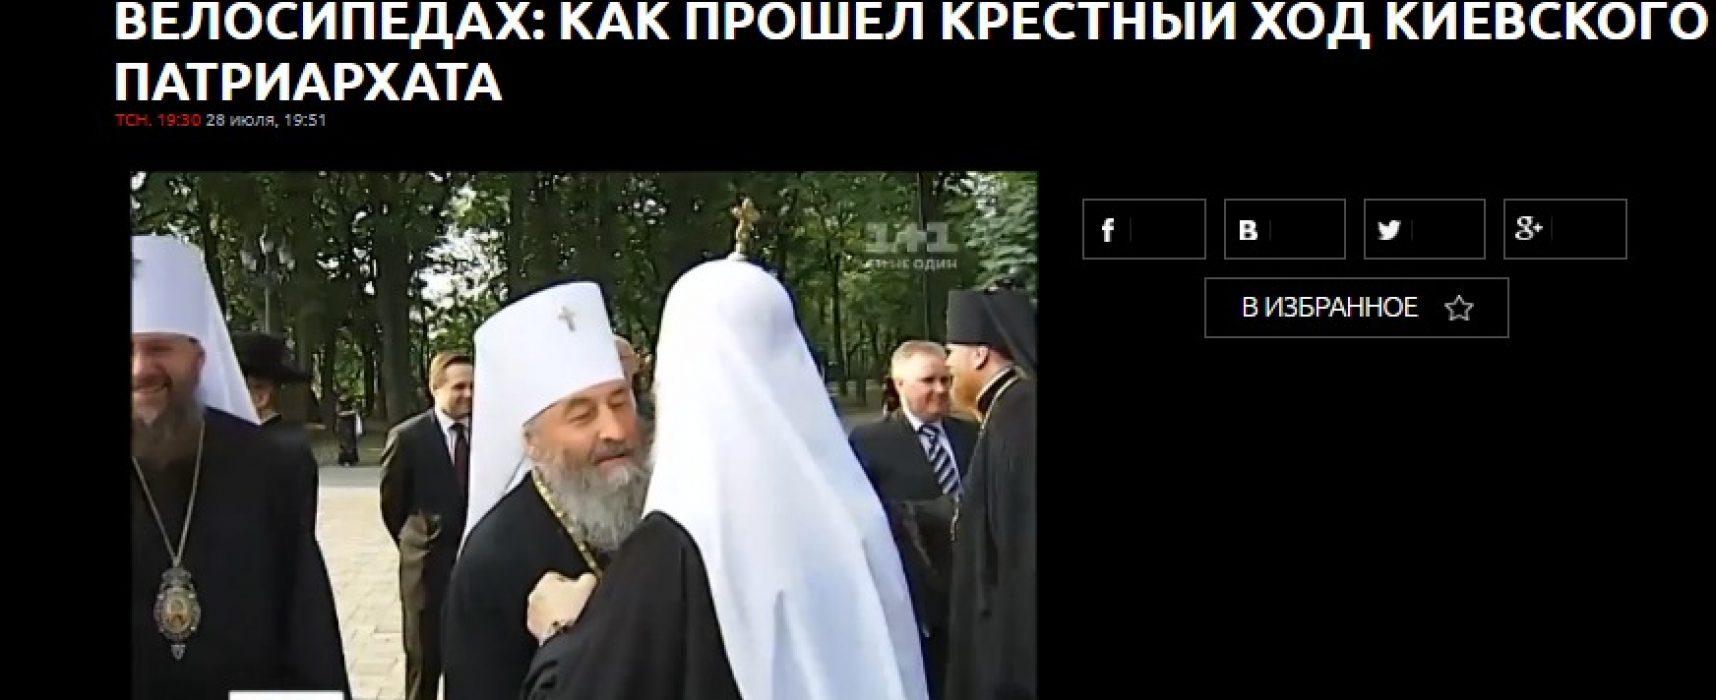 Фейк: предстоятеля Украинской Православной Церкви Московского патриархата не пригласили на молебен в Киеве